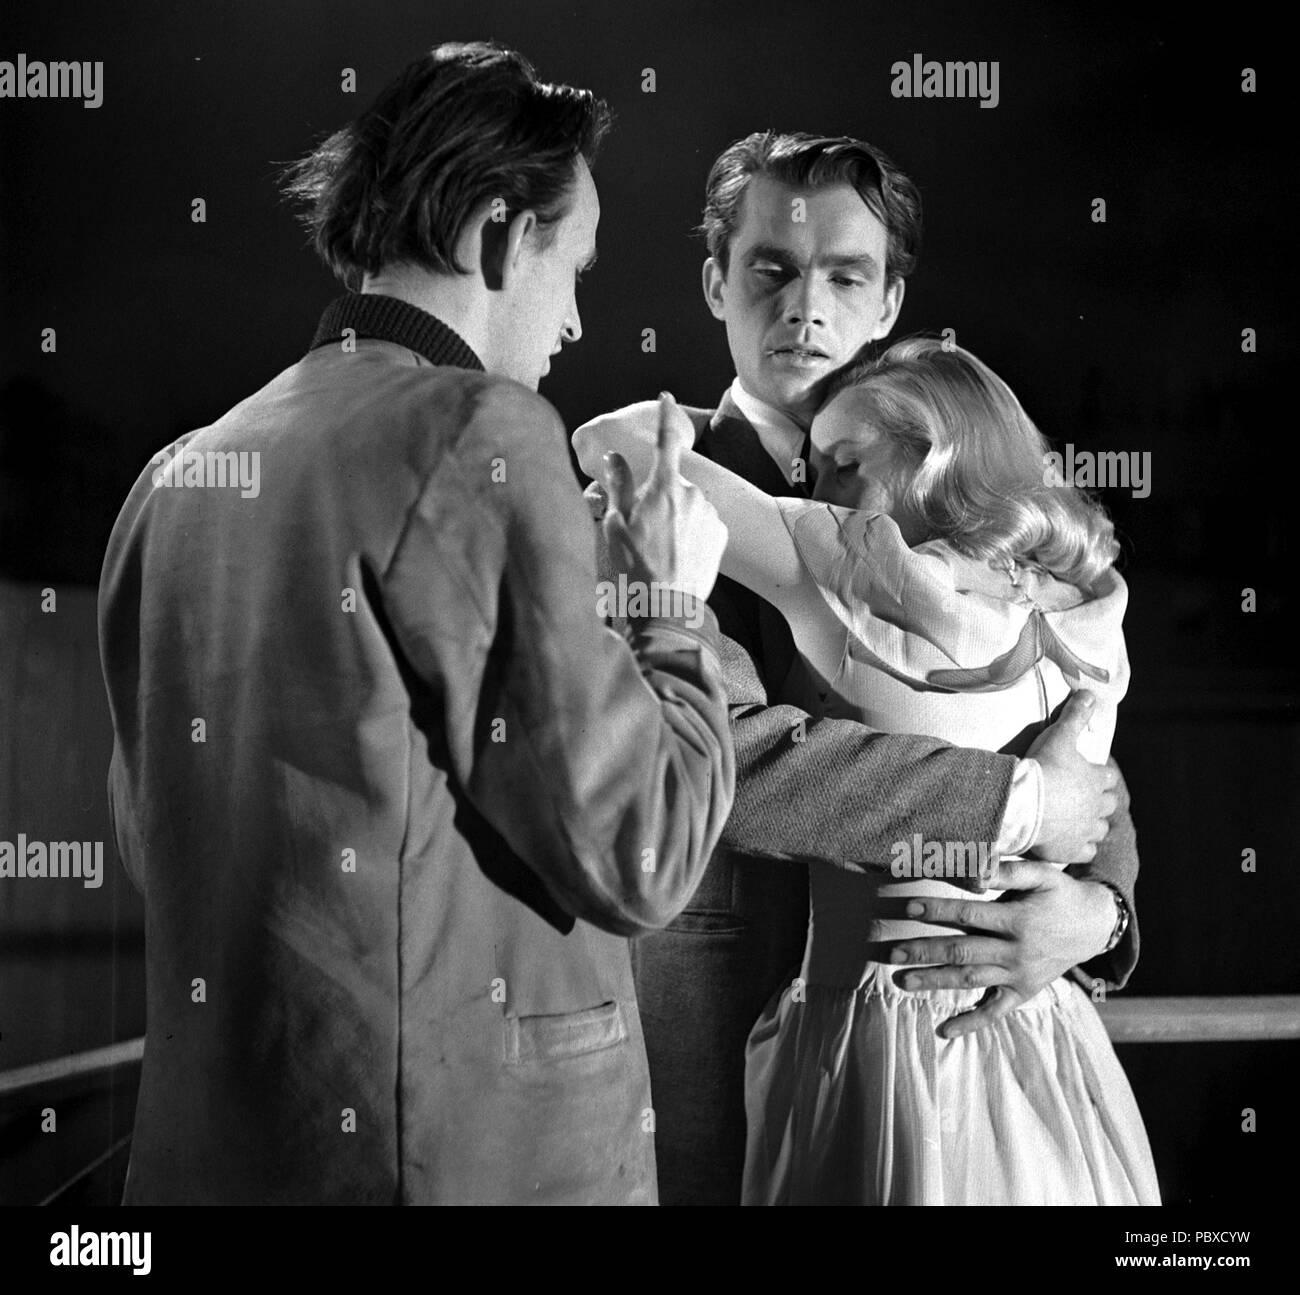 Ingmar Bergman. 1918-2007. Schwedische Filmregisseur. Hier im Bild 1948 am Filmset des Films Nacht ist meine Zukunft Regie Schauspieler Birger Malmsten und Mai Zetterling. Fotograf: Kristoffersson/AF 19-4 Stockbild